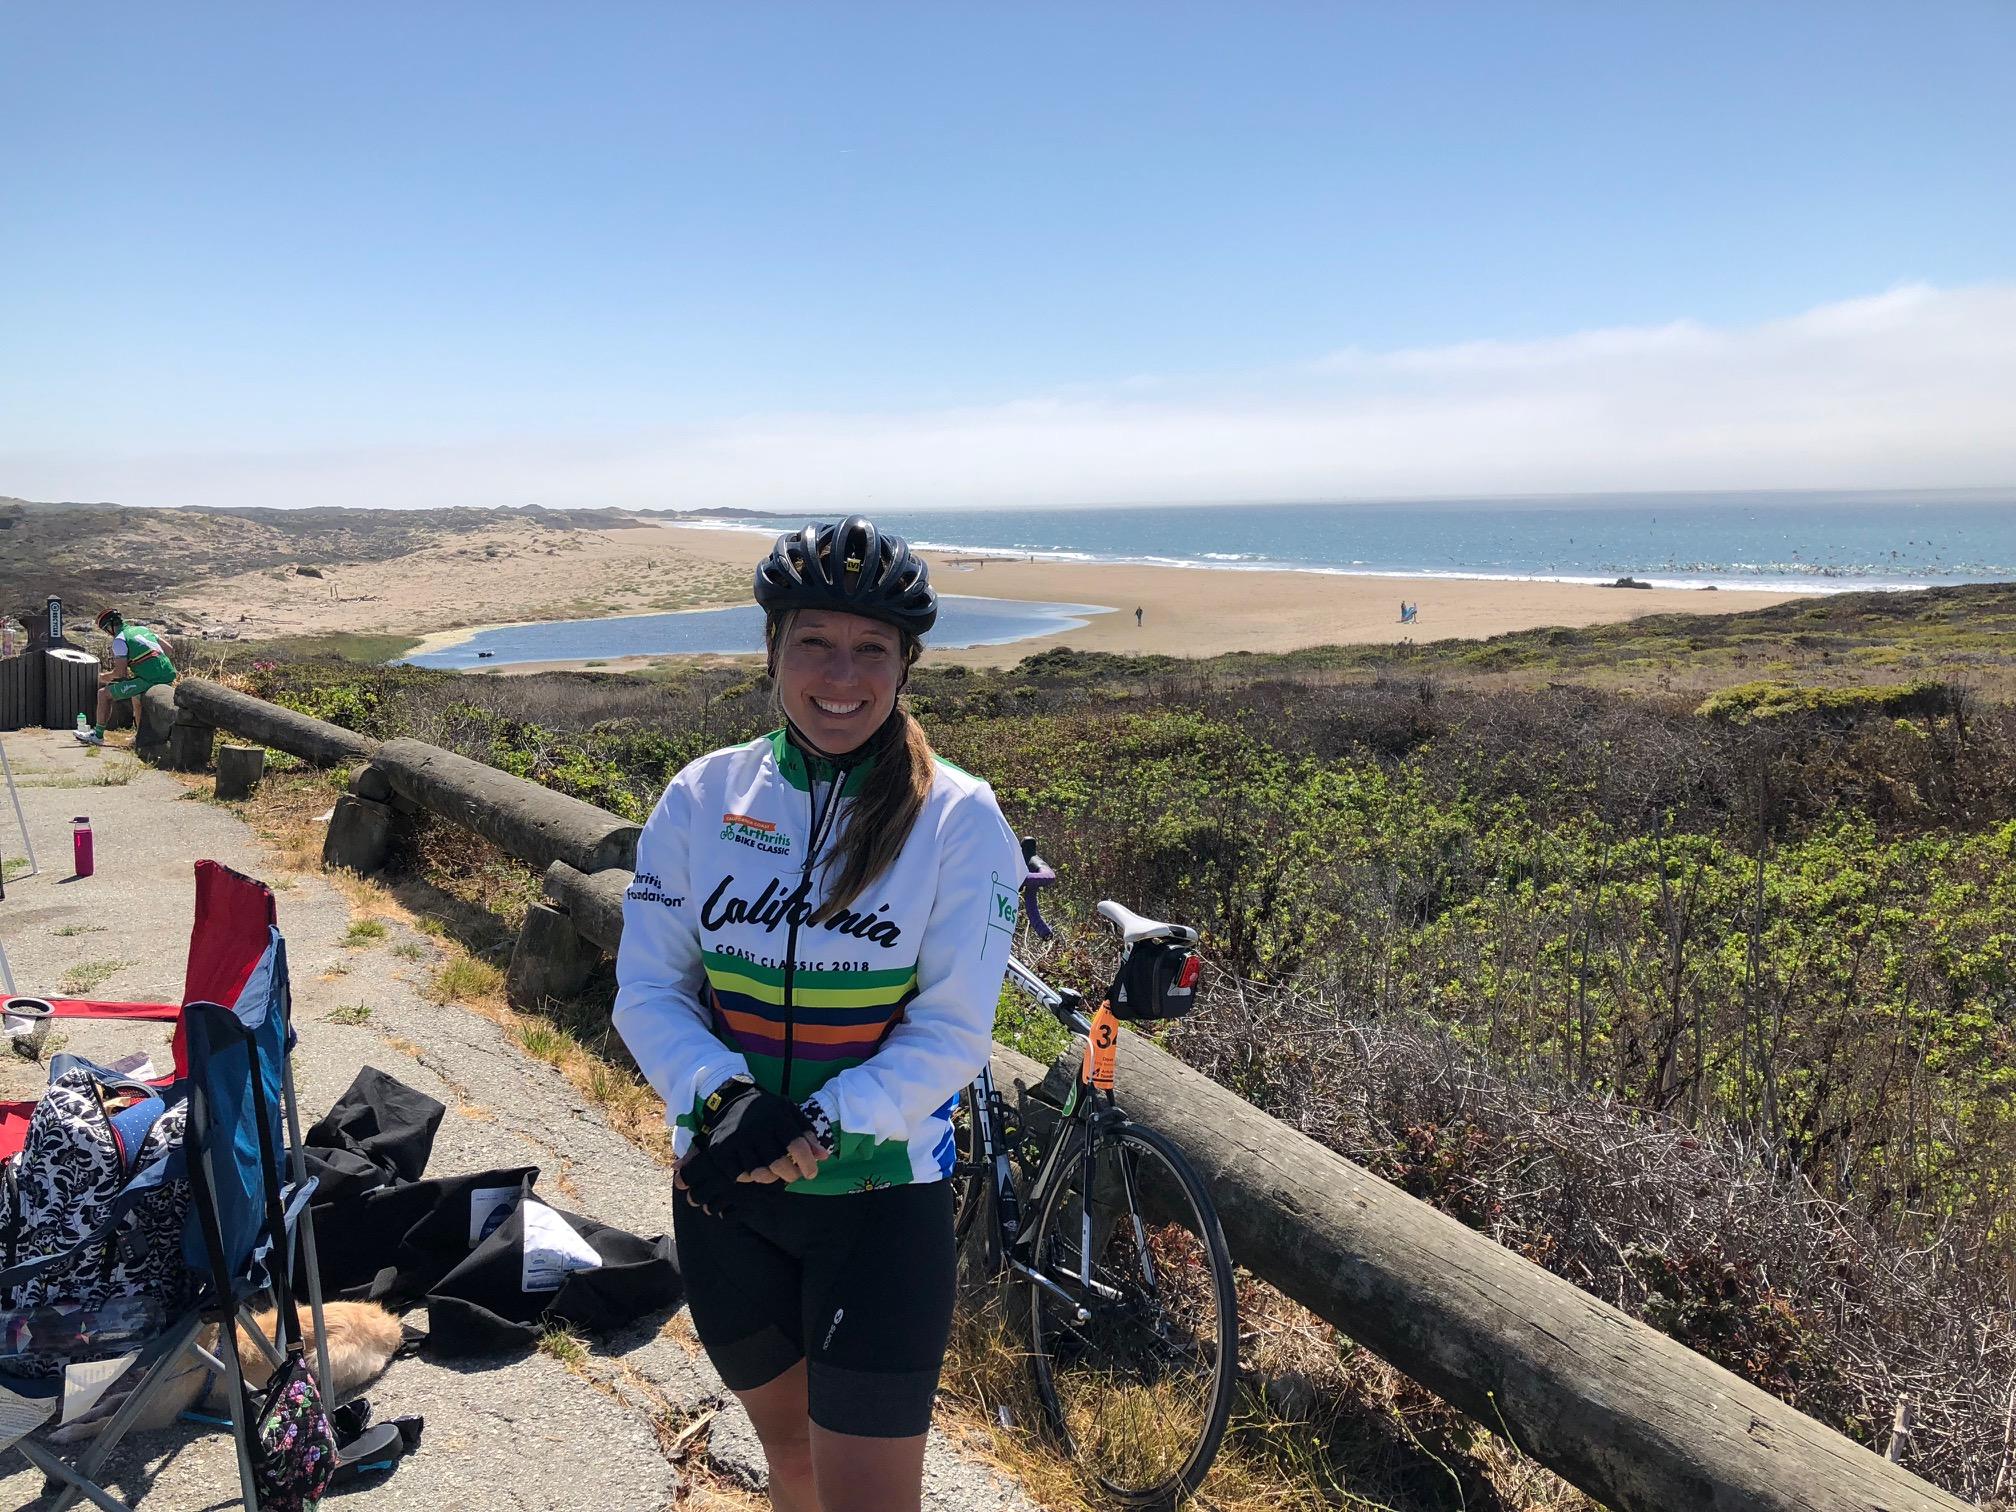 West Coast Endurance: The California Coast Classic